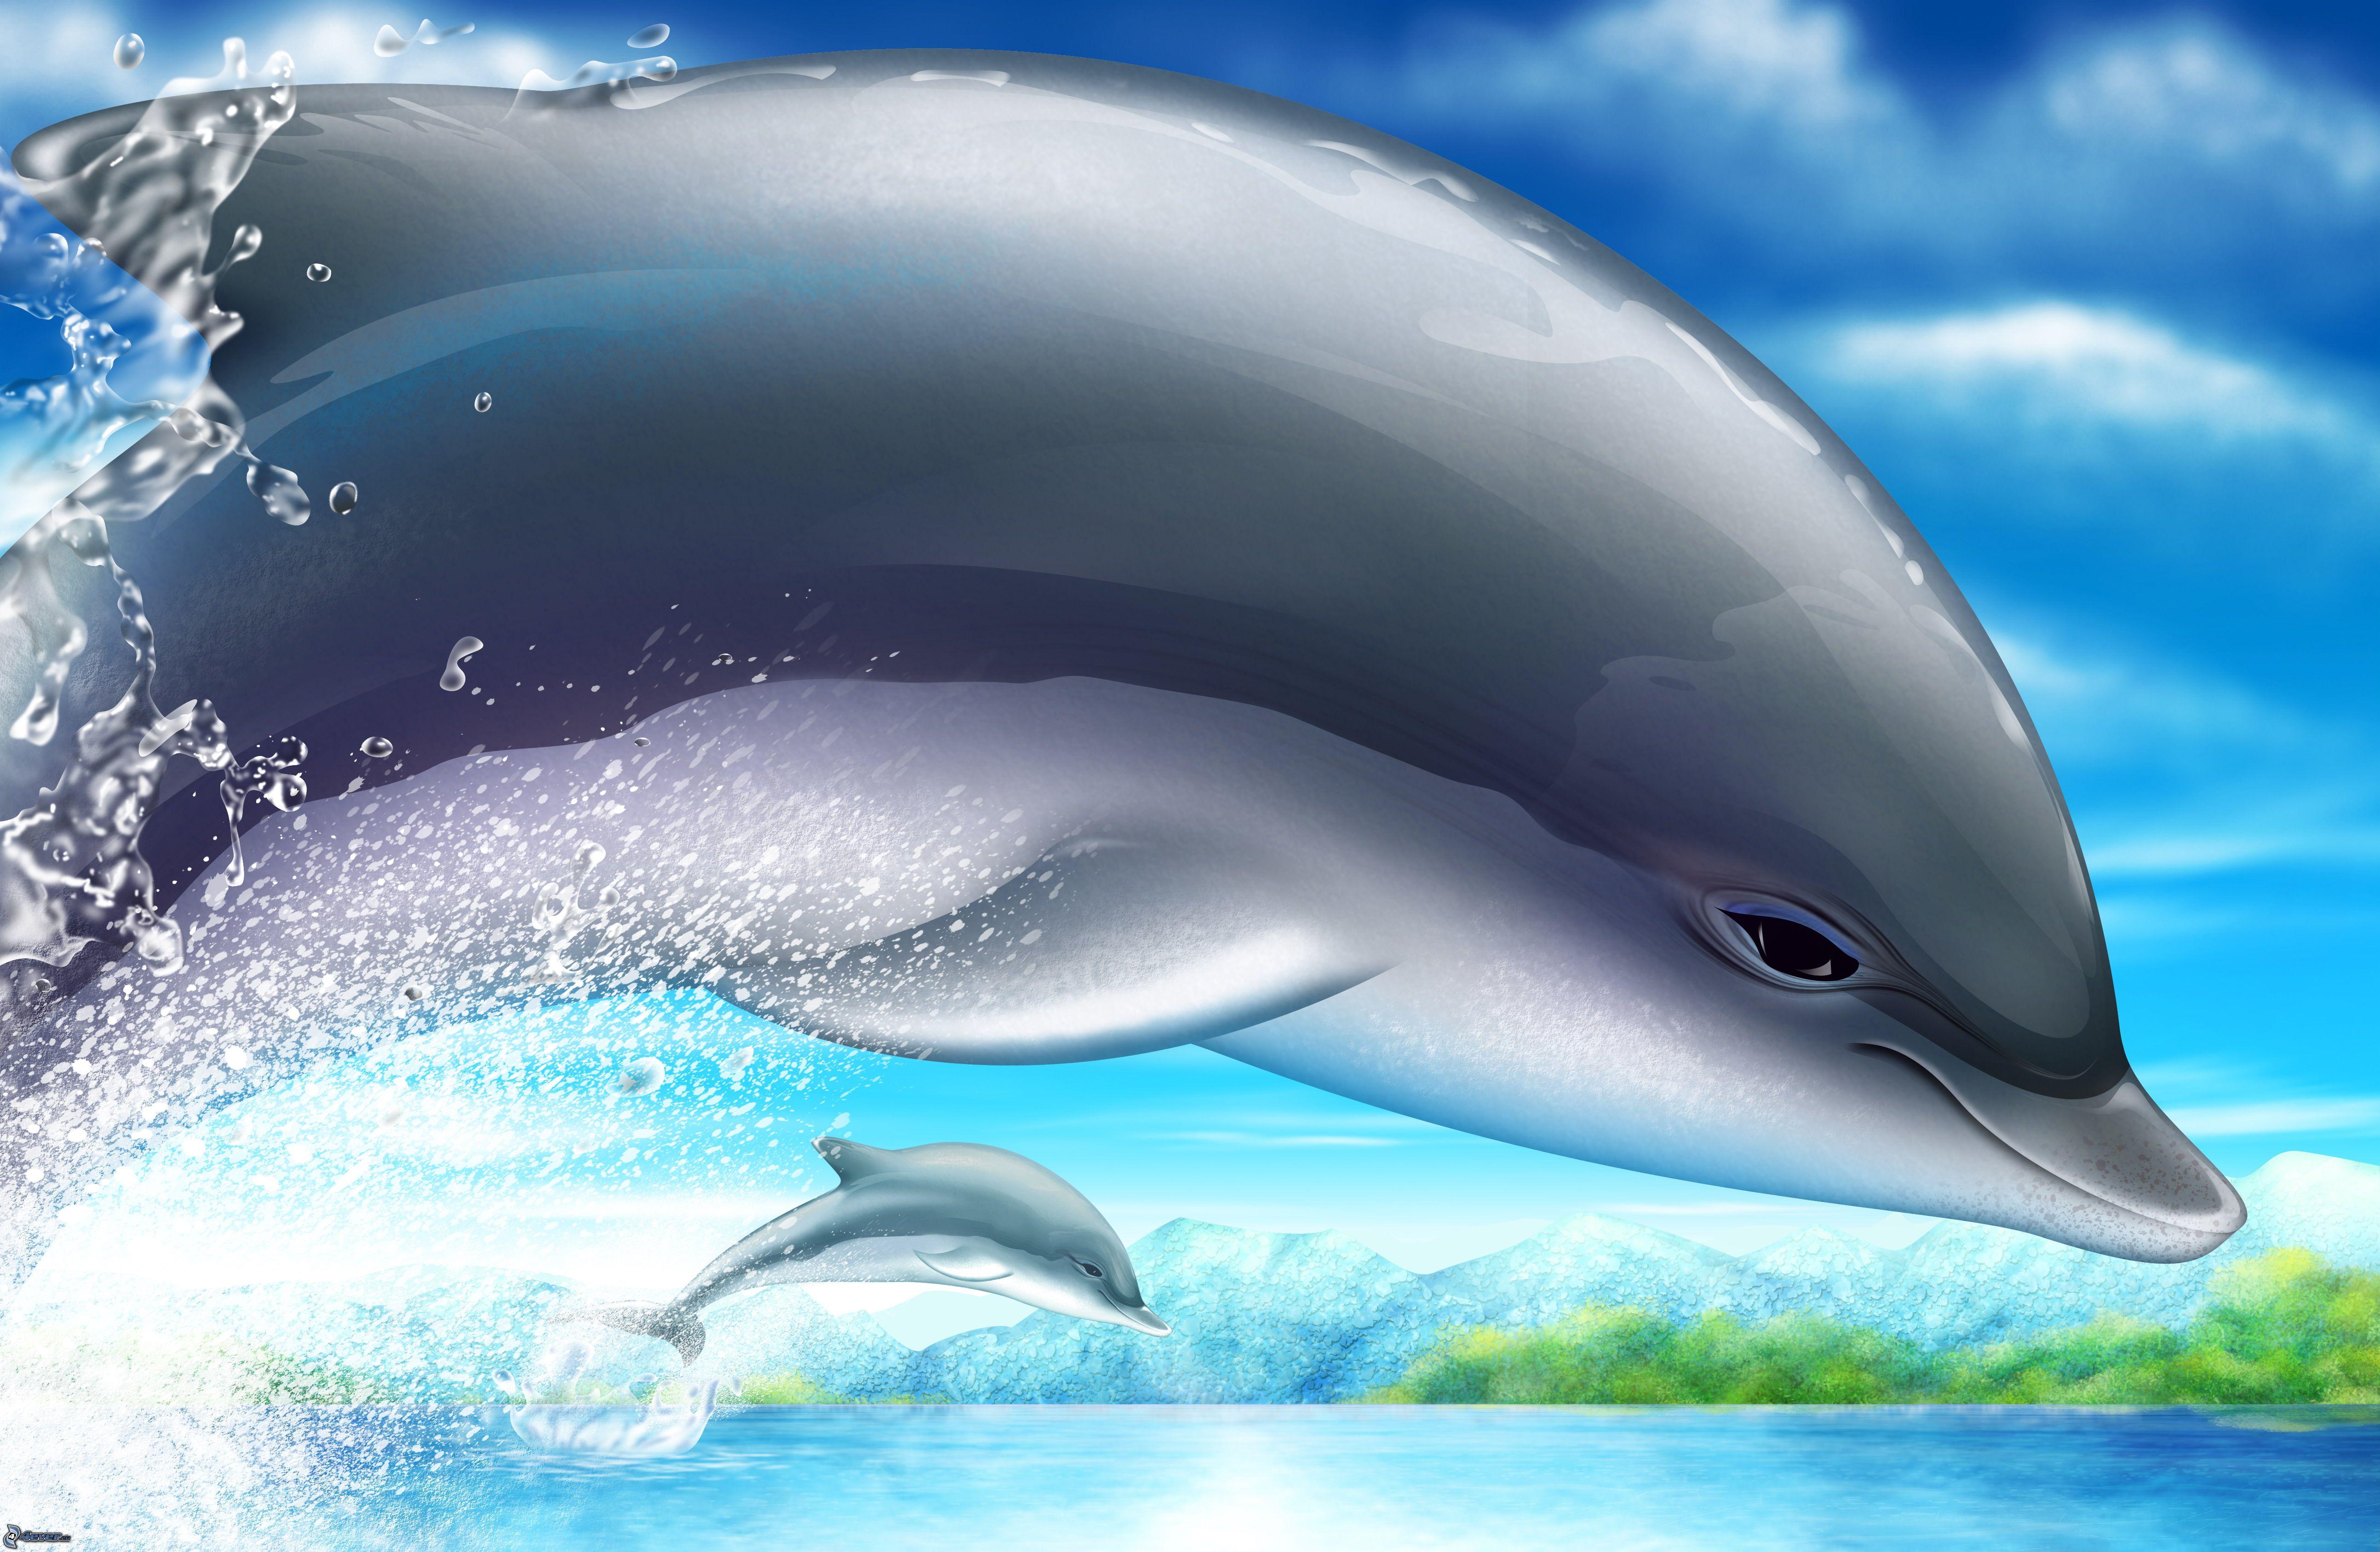 3D Дельфины картинки и бесплатные рисунки для рабочего стола.